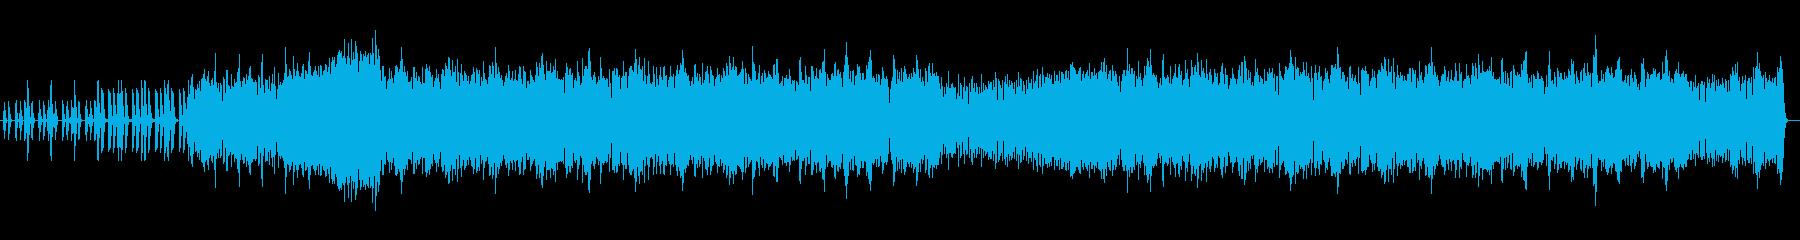 メカアクションゲームのメニュー画面の再生済みの波形